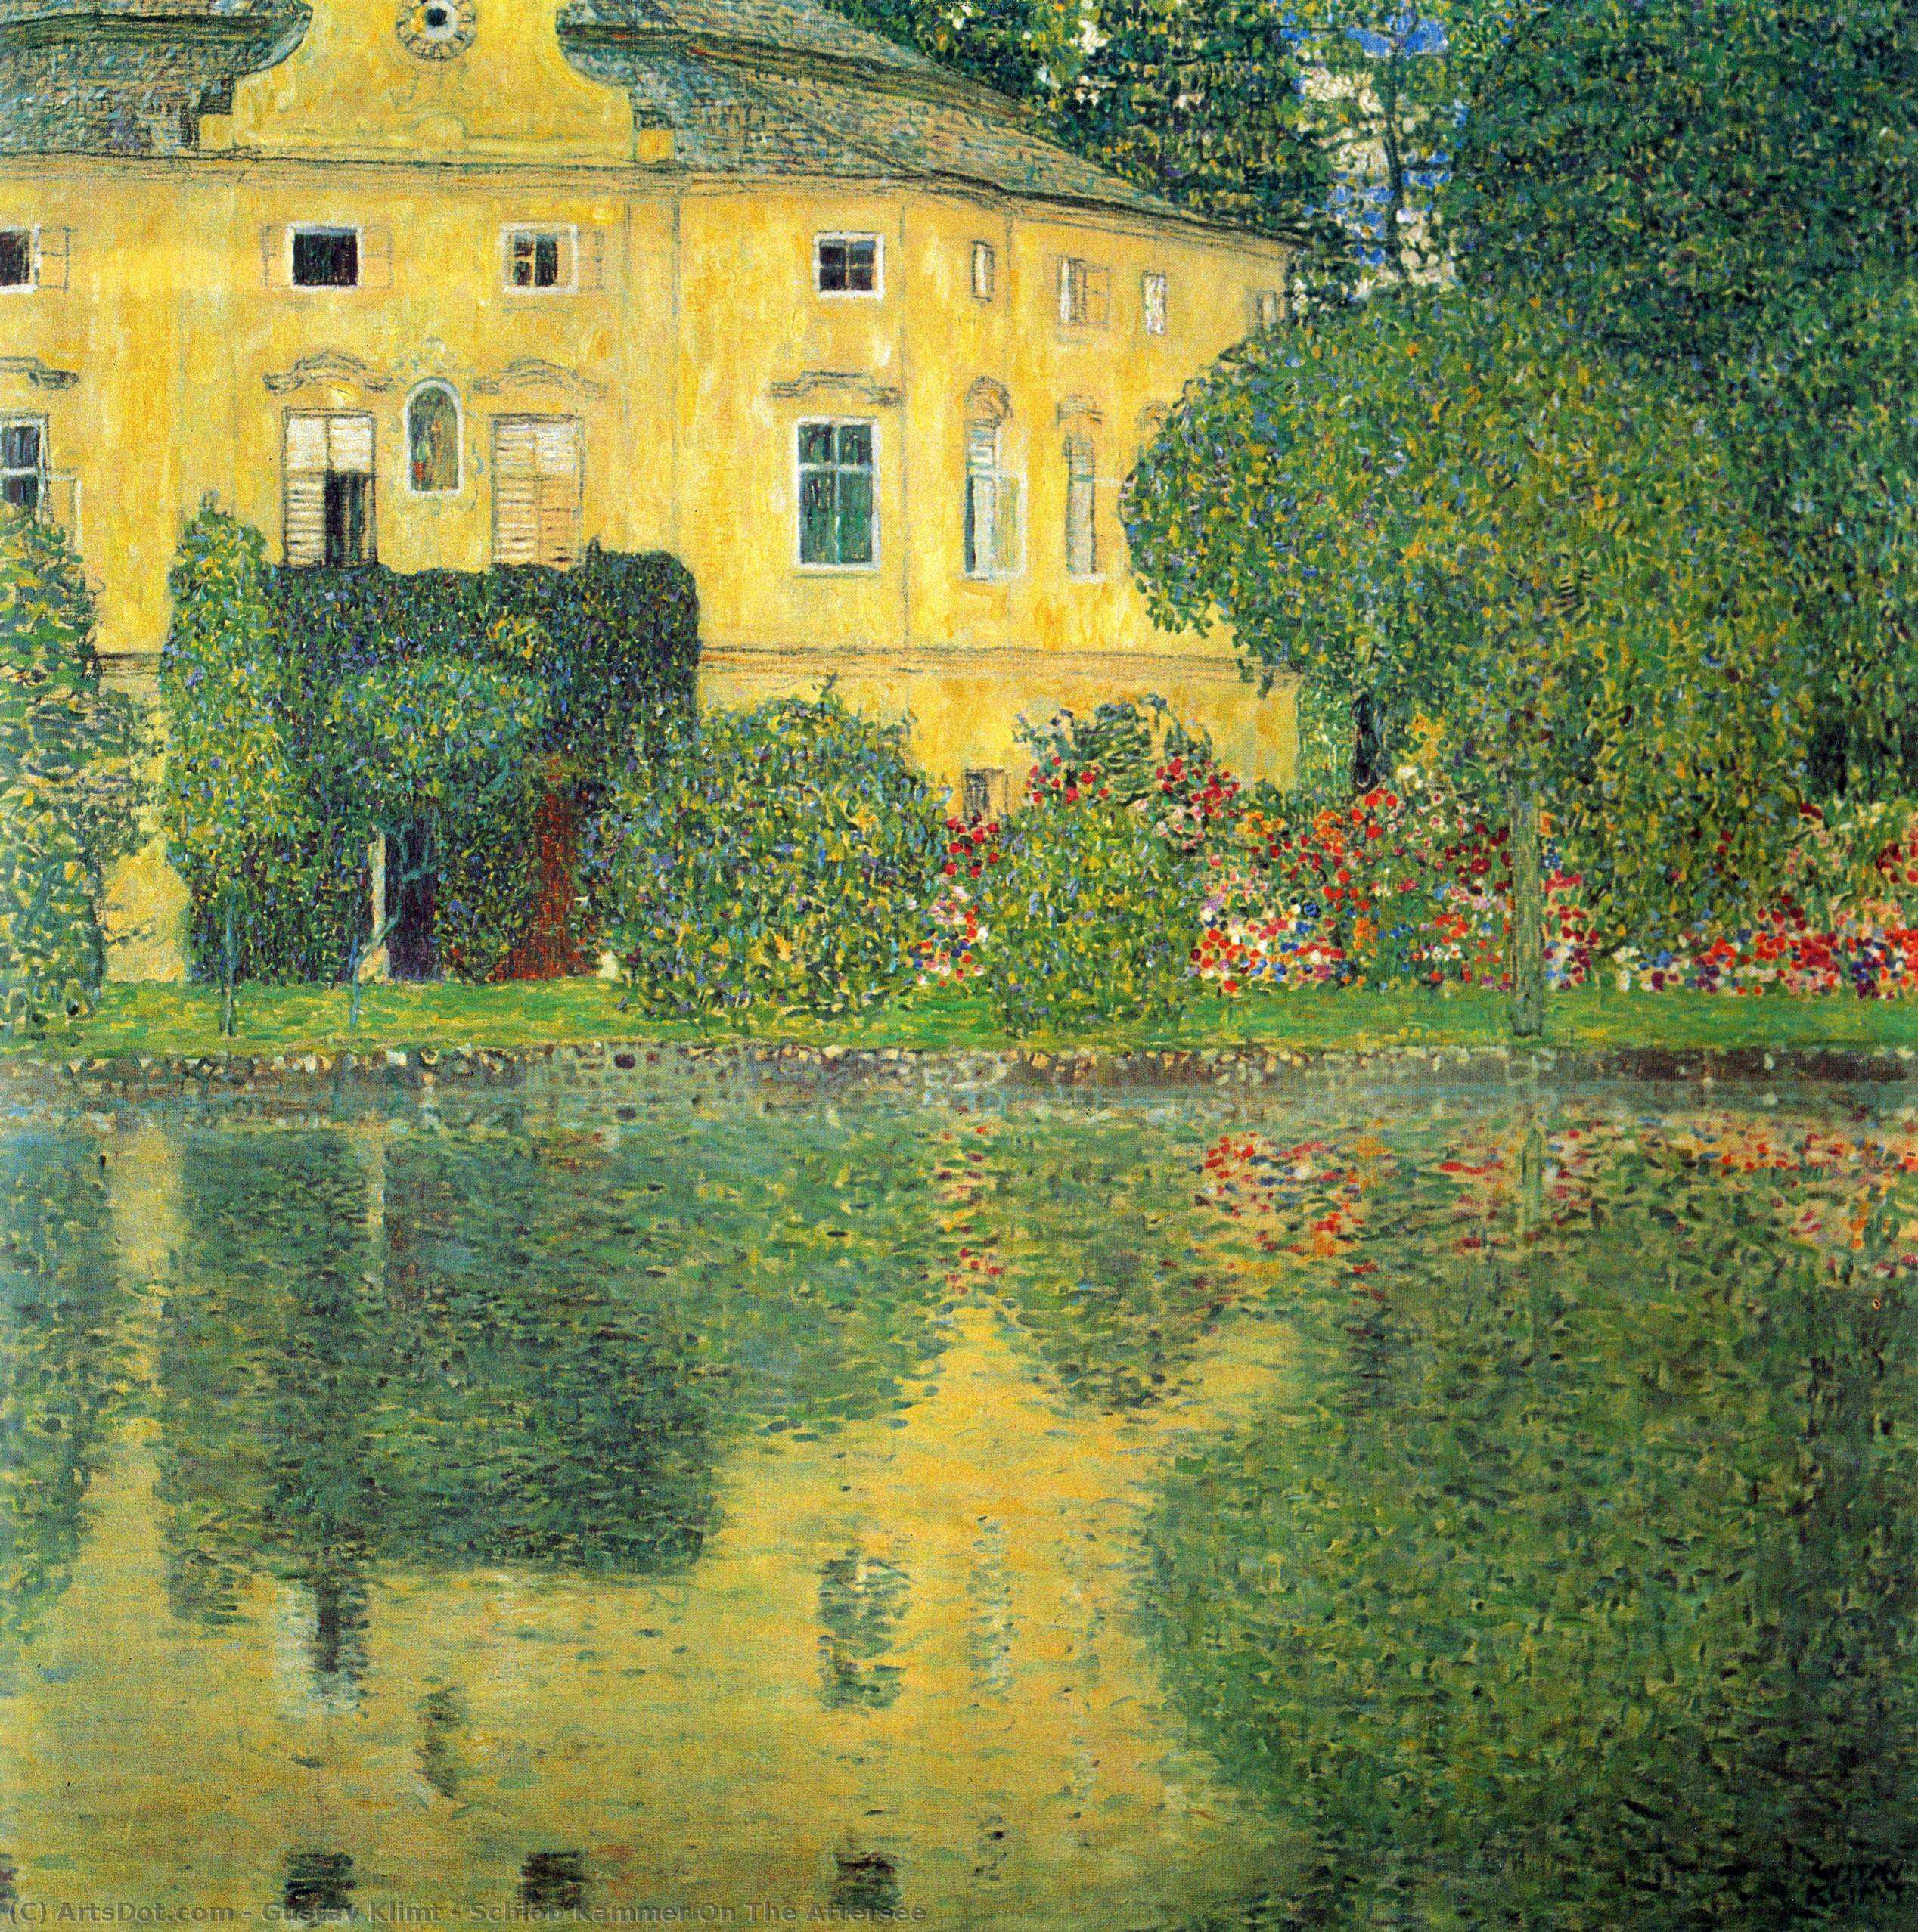 Wikoo.org - موسوعة الفنون الجميلة - اللوحة، العمل الفني Gustav Klimt - Schlob Kammer On The Attersee